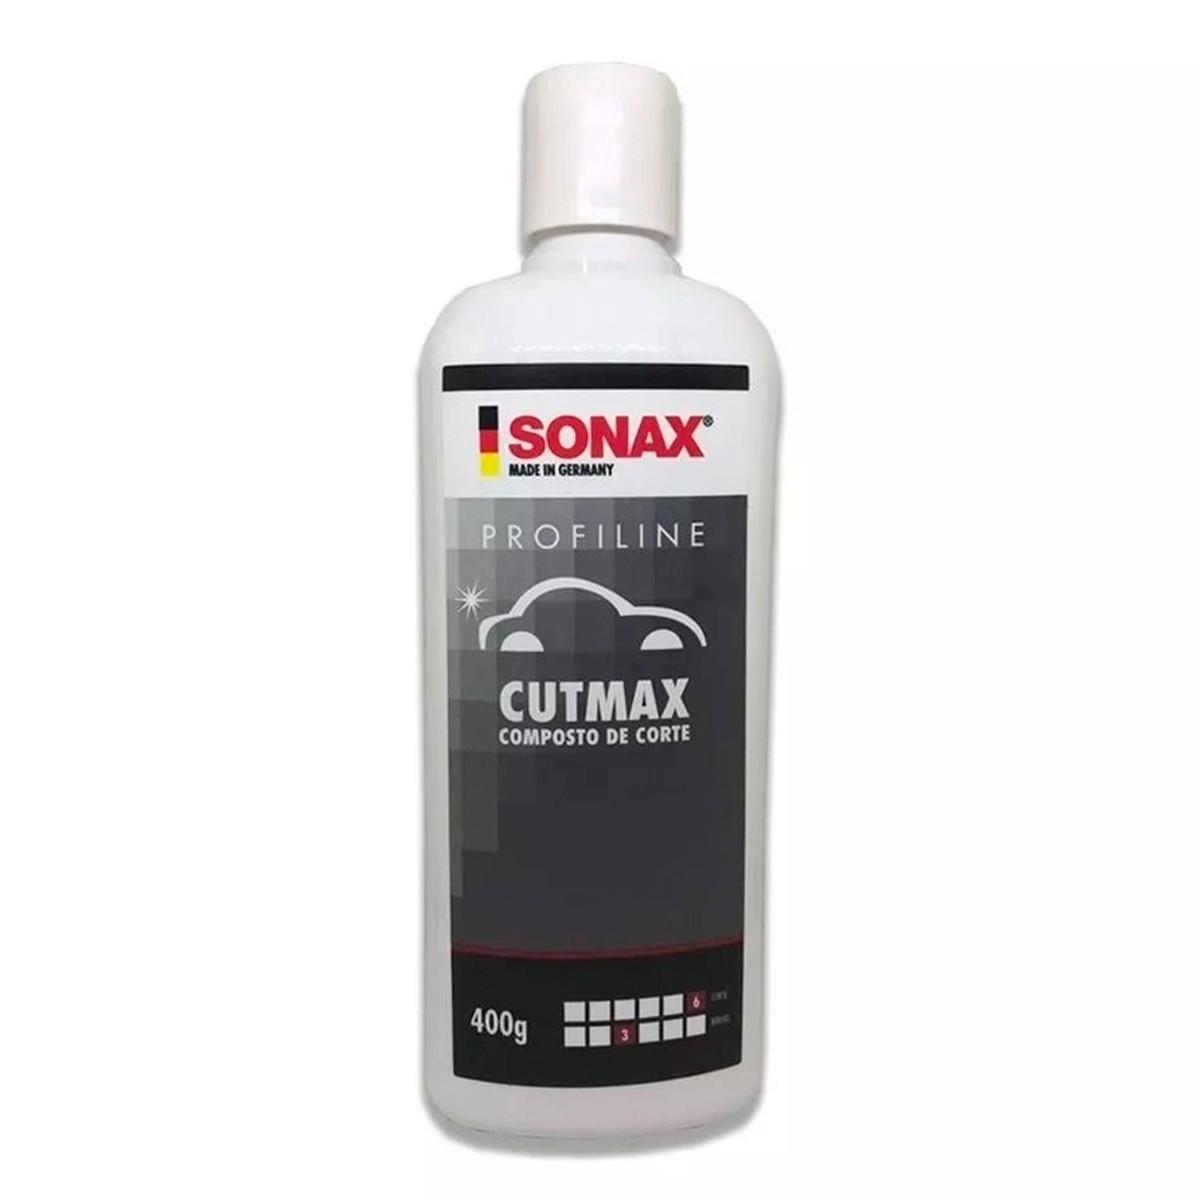 Cutmax Composto de Corte 400ml - Sonax